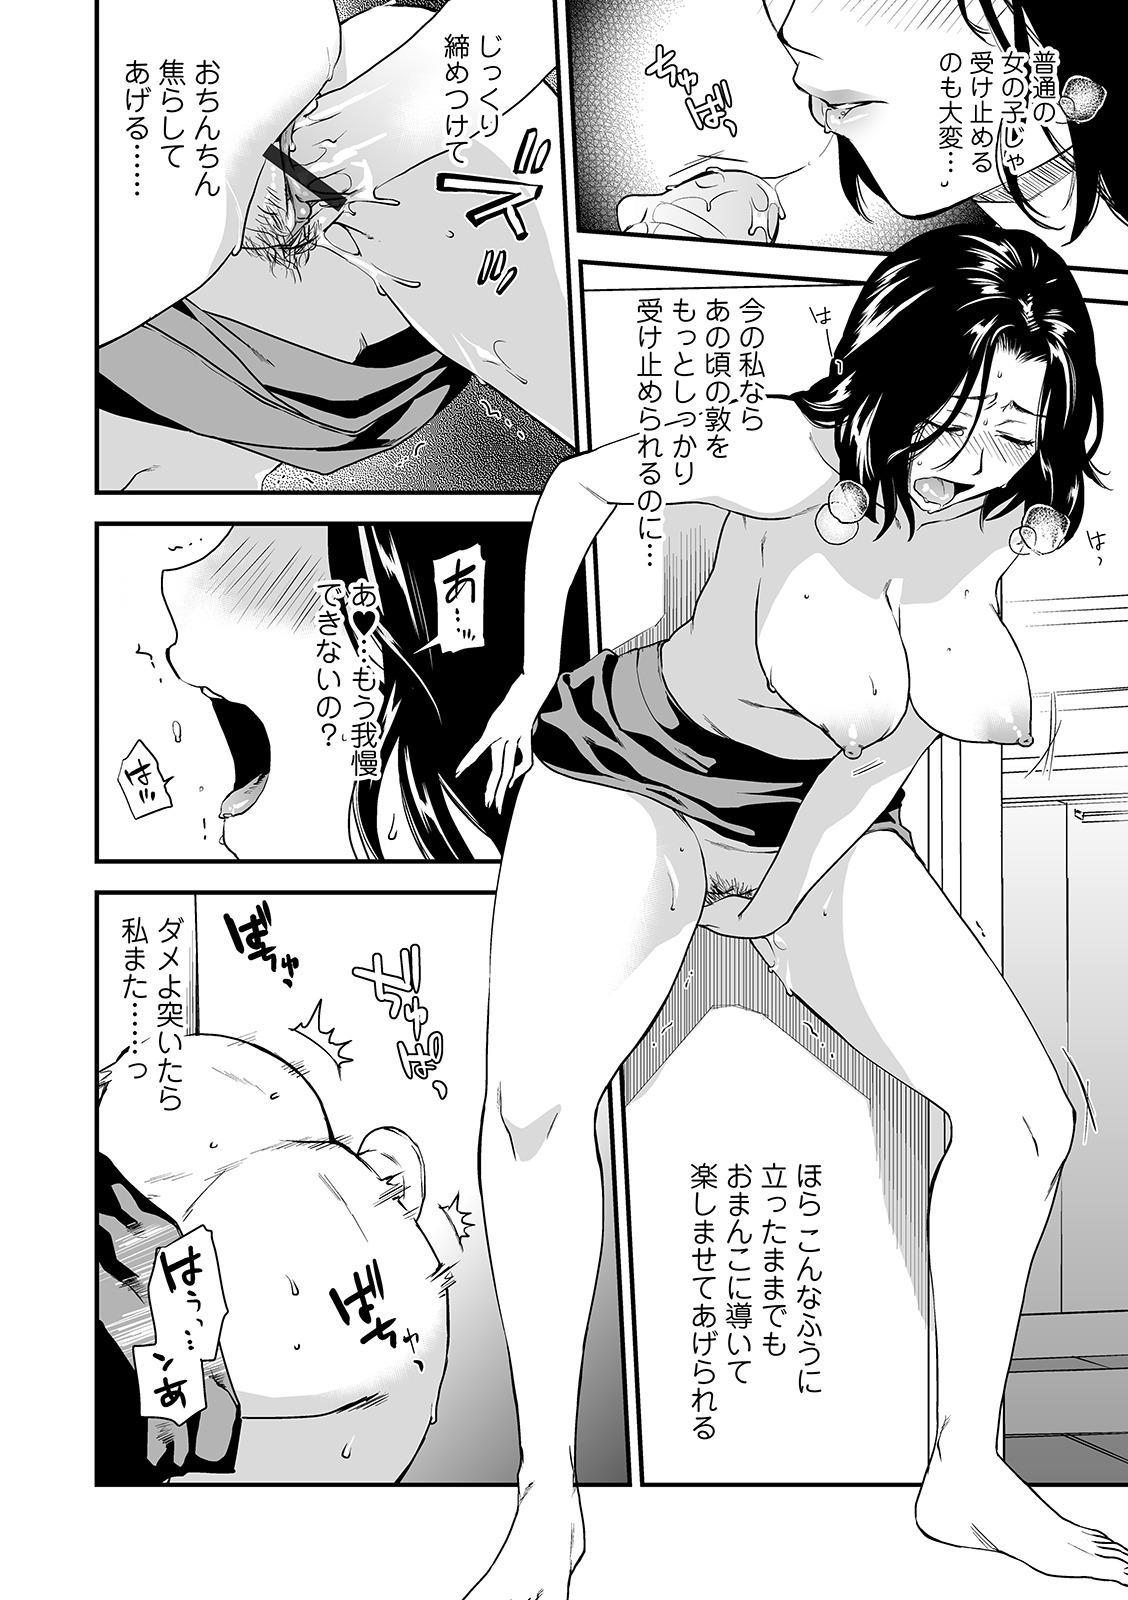 Web Comic Toutetsu Vol. 45 27